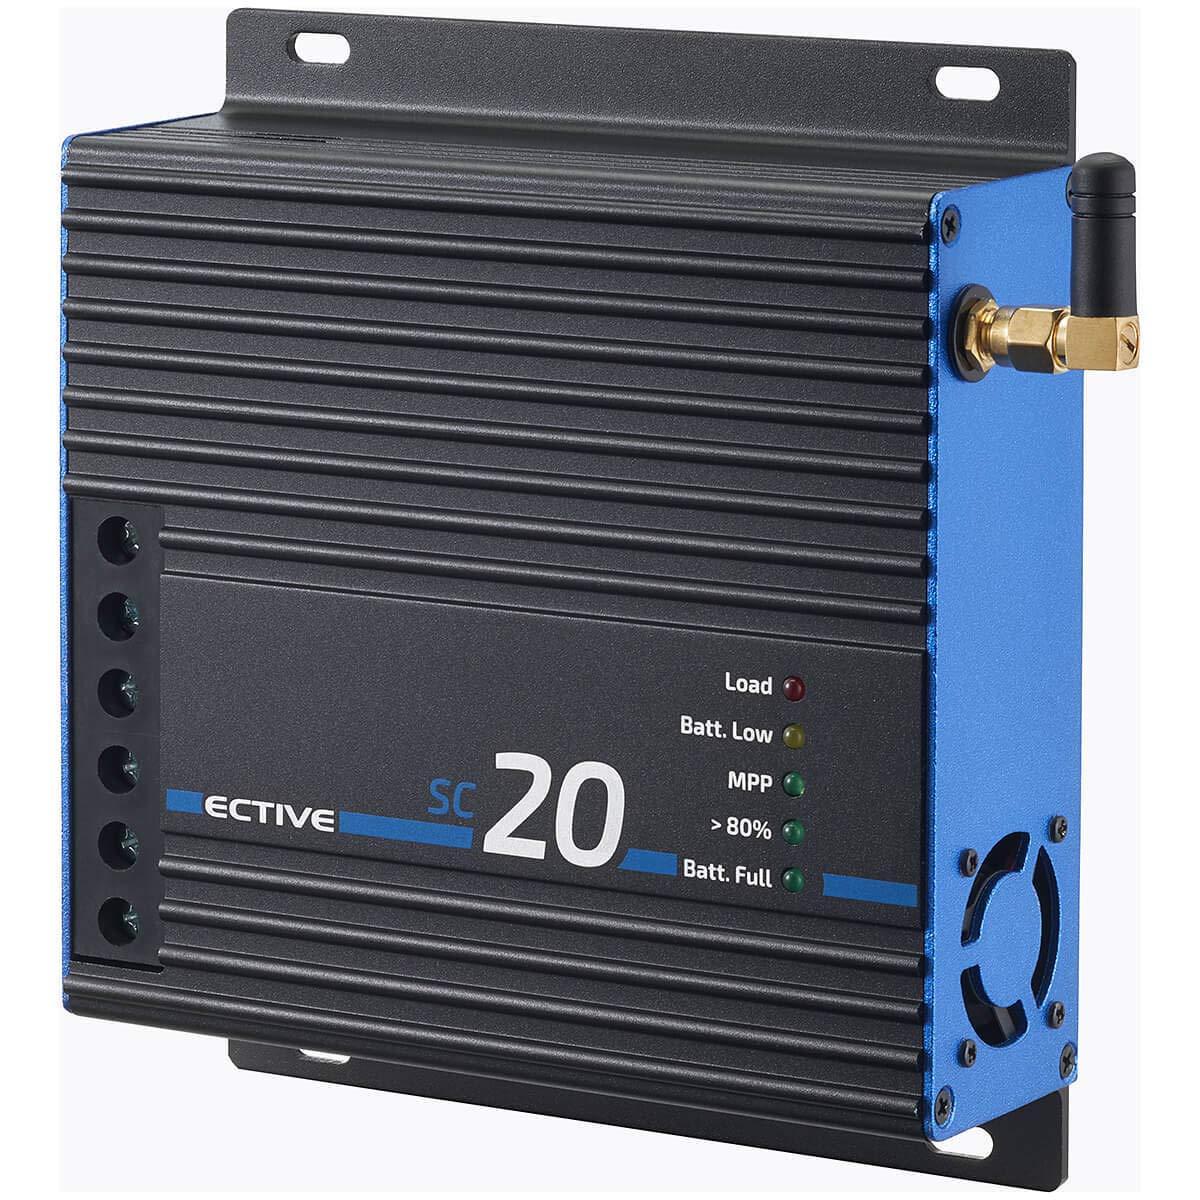 ECTIVE 20A 240Wp//480Wp MPPT Solar-Laderegler f/ür 12V//24V Versorgungsbatterien SC 20 in 4 Varianten